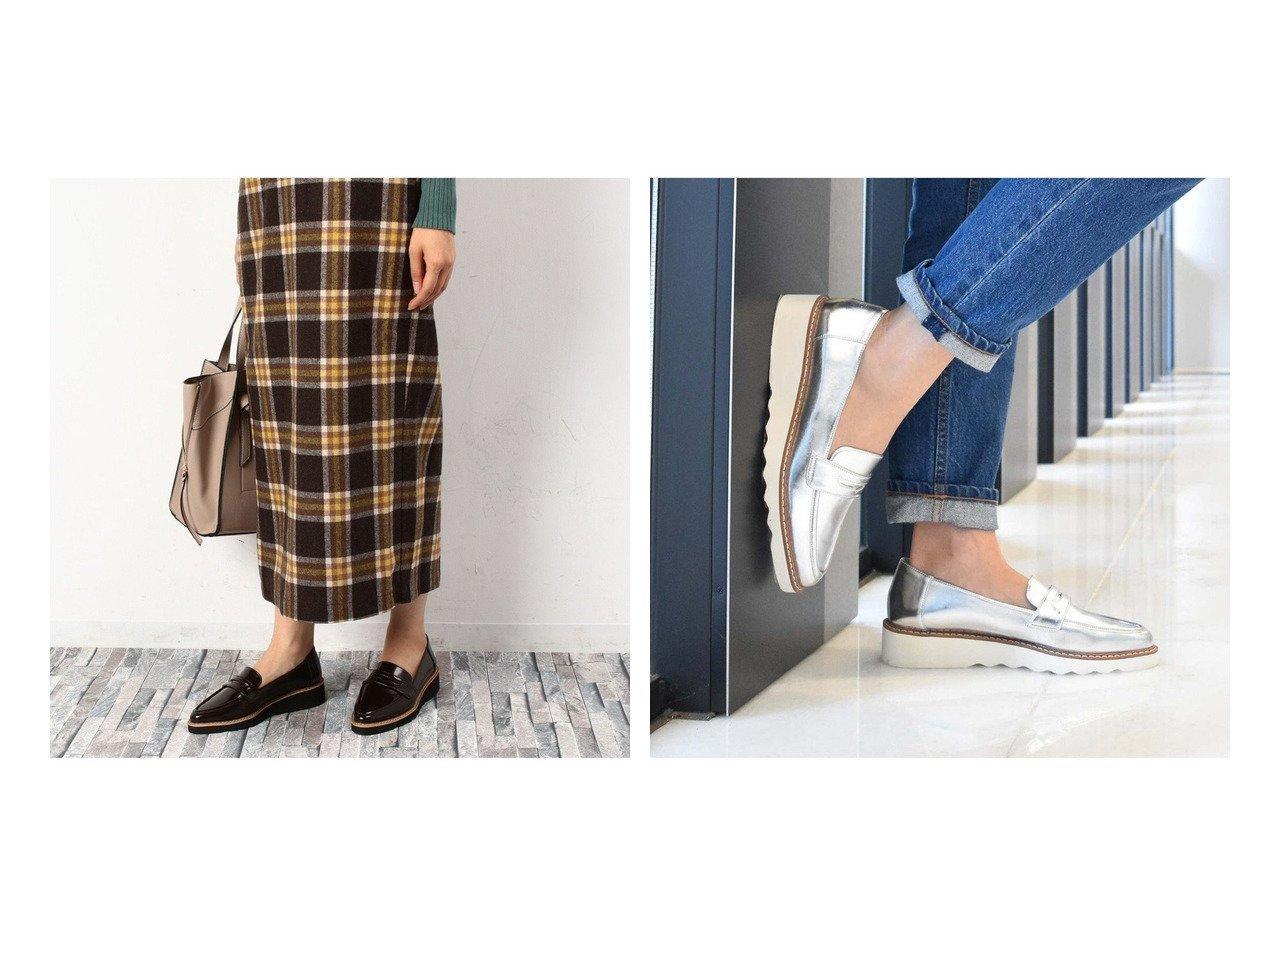 【MODE ET JACOMO/モード エ ジャコモ】の【WEB限定】レイン ポインテッドローファー 【シューズ・靴】おすすめ!人気、トレンド・レディースファッションの通販 おすすめで人気の流行・トレンド、ファッションの通販商品 メンズファッション・キッズファッション・インテリア・家具・レディースファッション・服の通販 founy(ファニー) https://founy.com/ ファッション Fashion レディースファッション WOMEN 送料無料 Free Shipping クラシカル シューズ マニッシュ モダン レイン 厚底 軽量 |ID:crp329100000030421